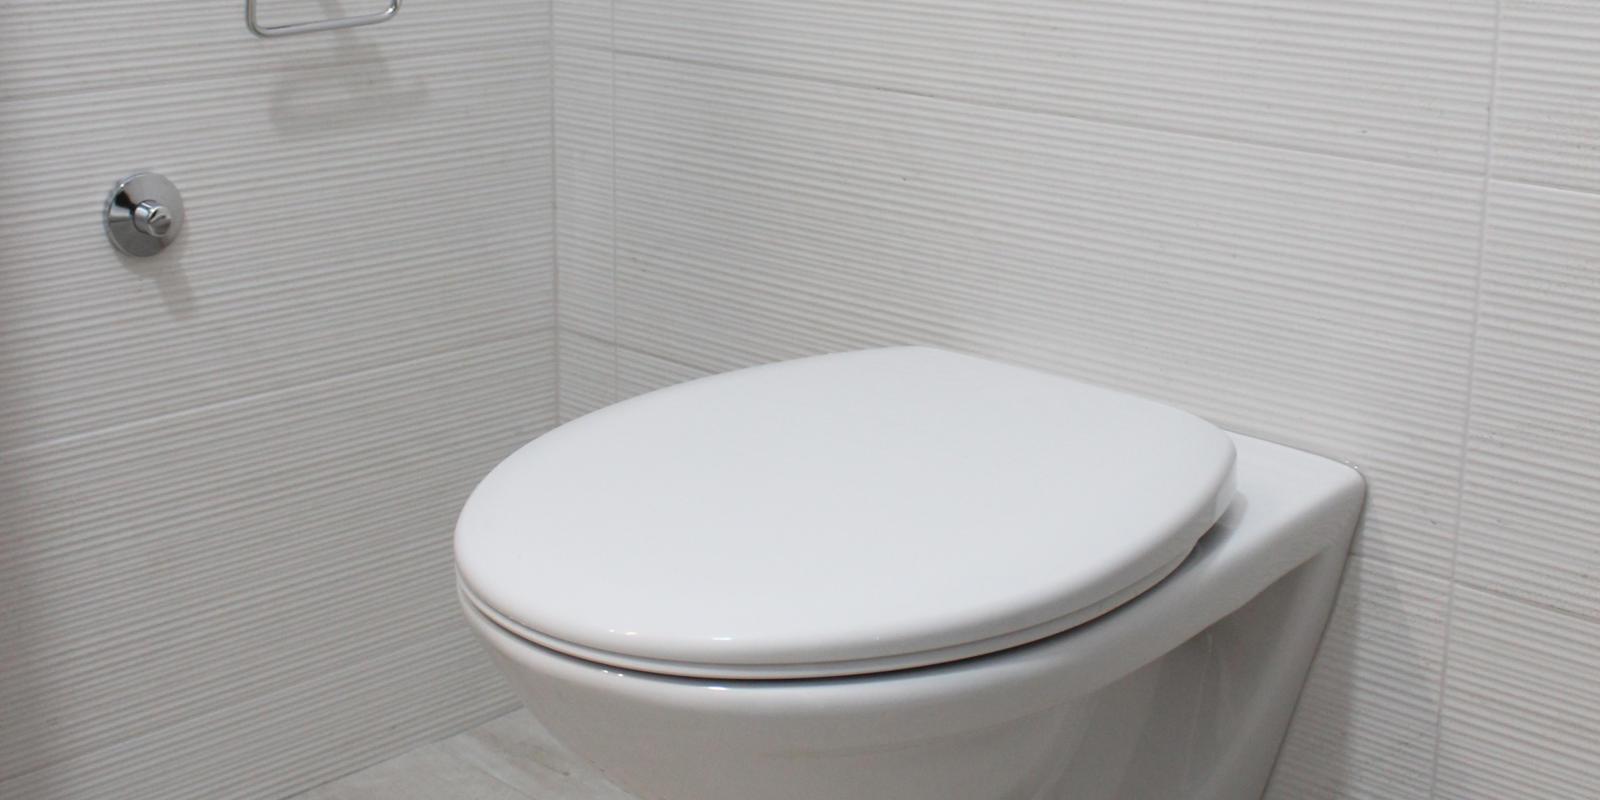 hangend toilet verwijderen